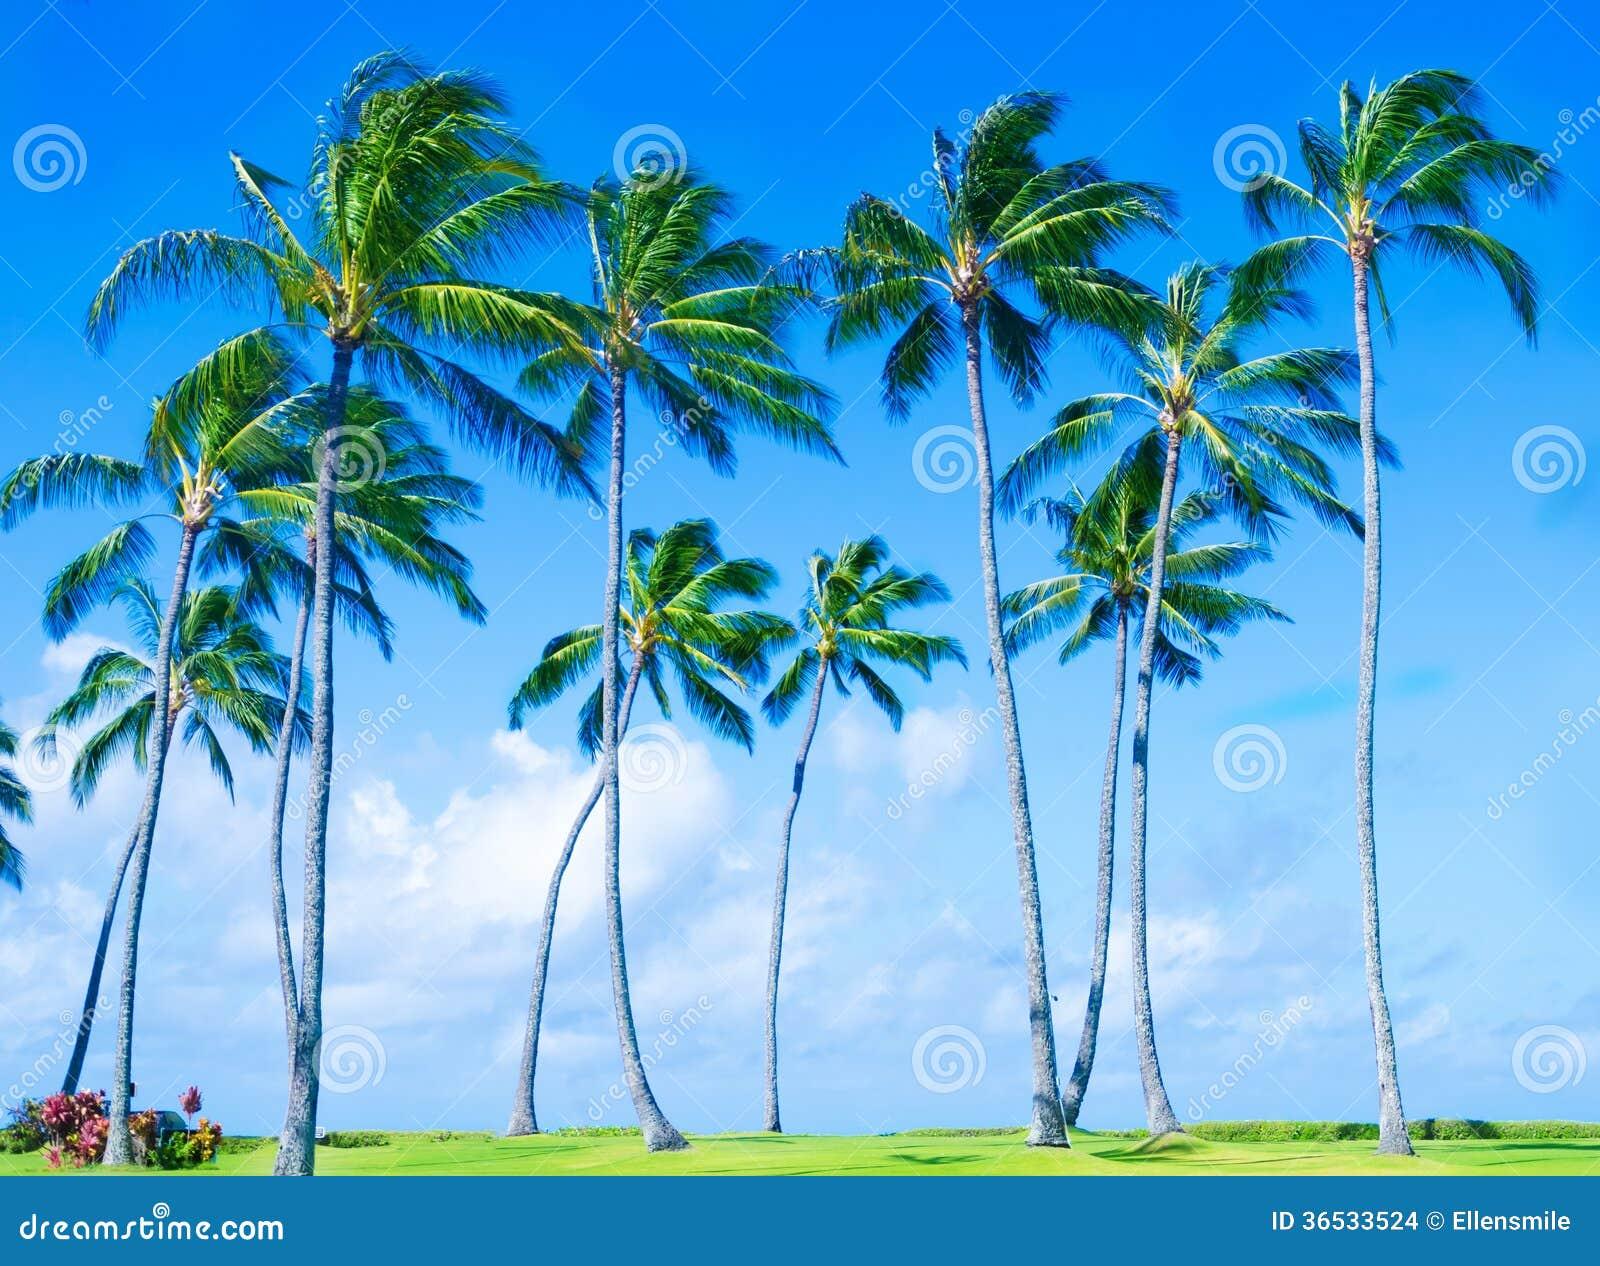 Palmier de noix de coco sur la plage dans hawai photo - Palmier noix de coco ...